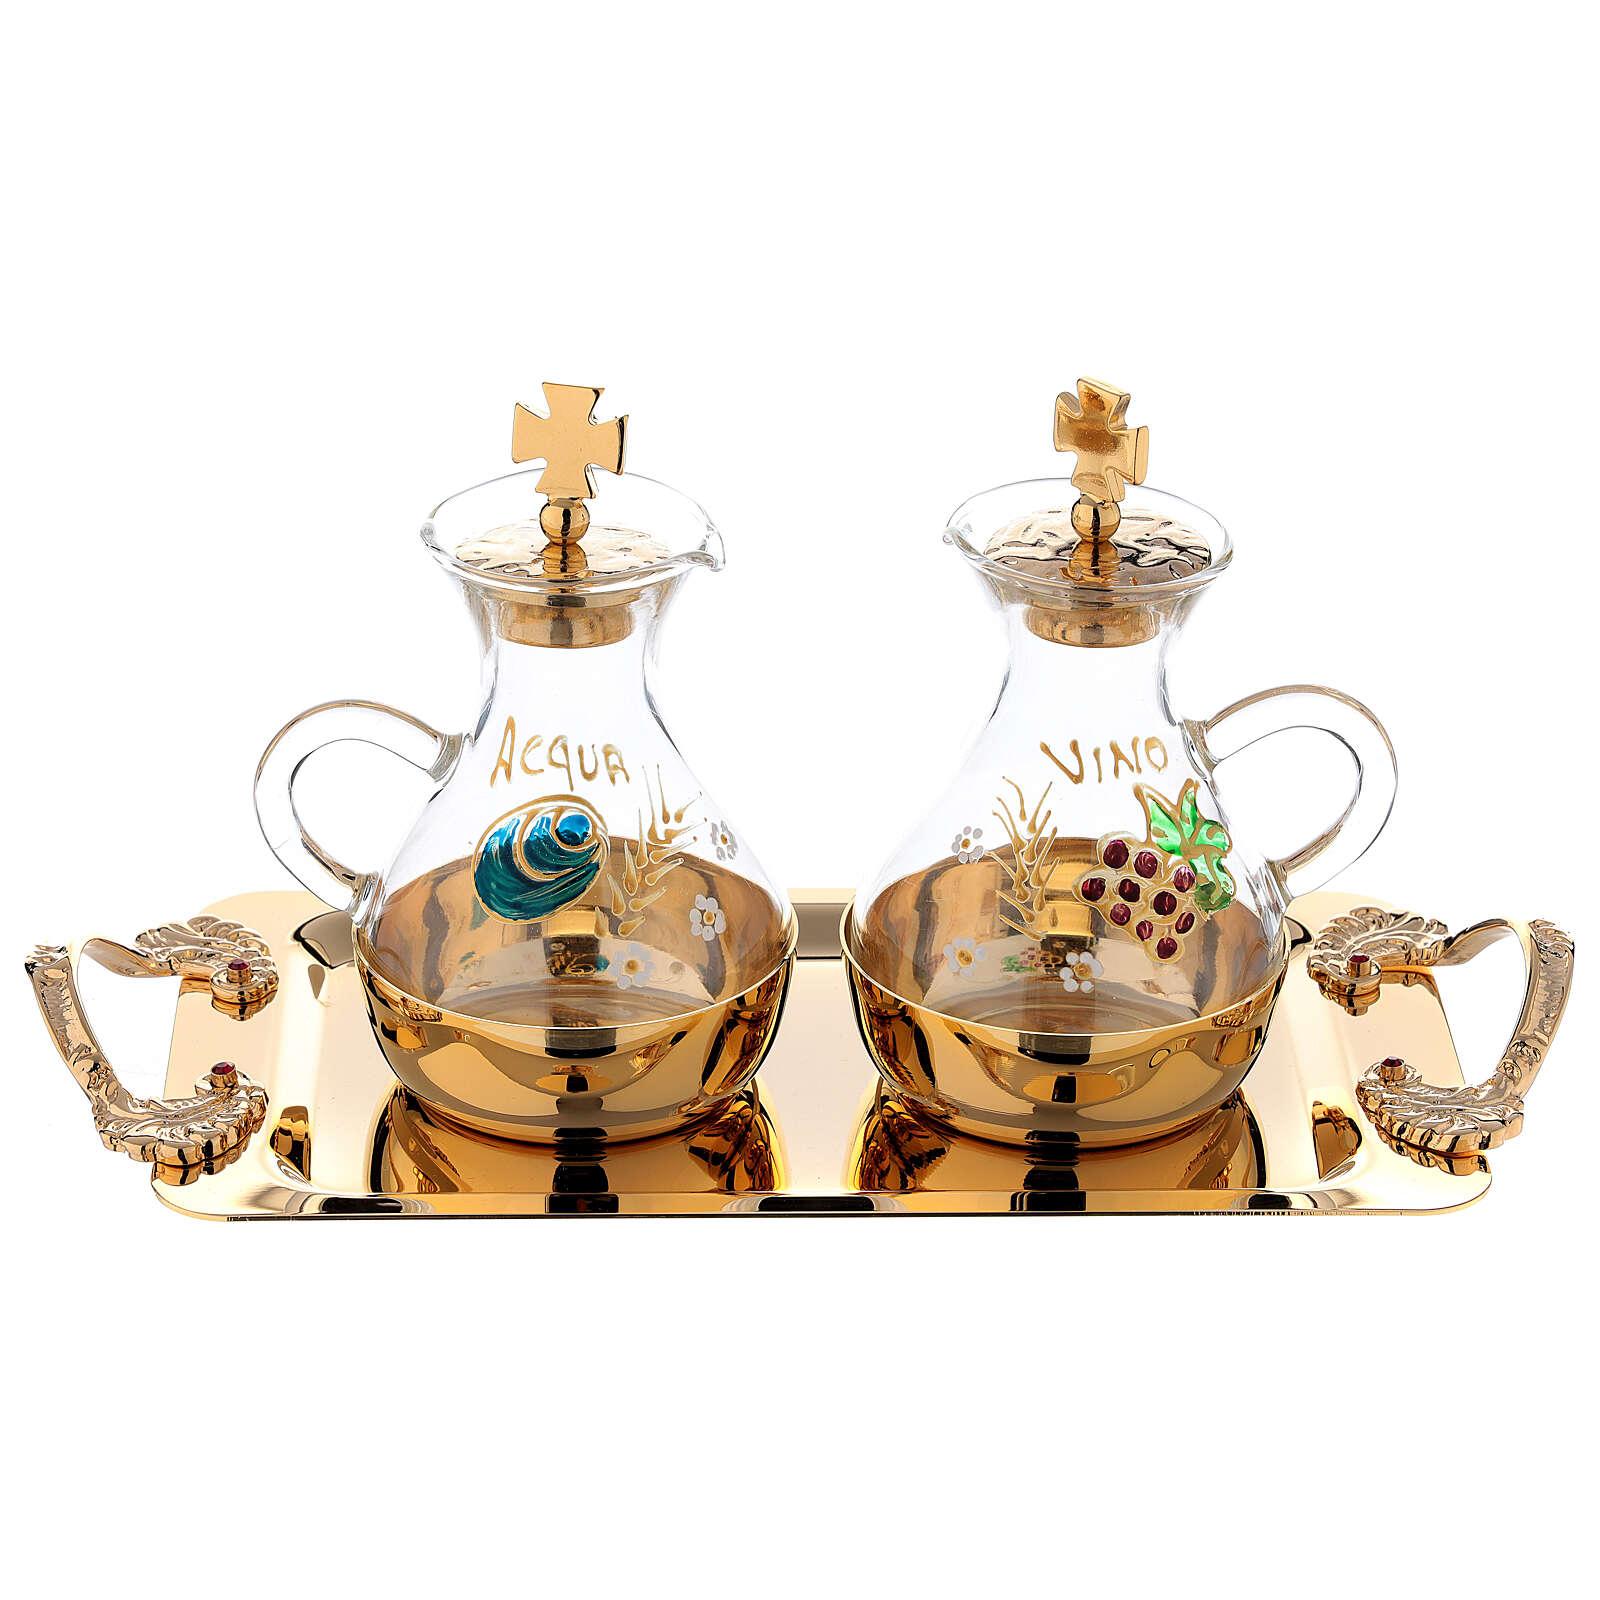 Servizio acqua e vino dipinto a mano in ottone dorato 4